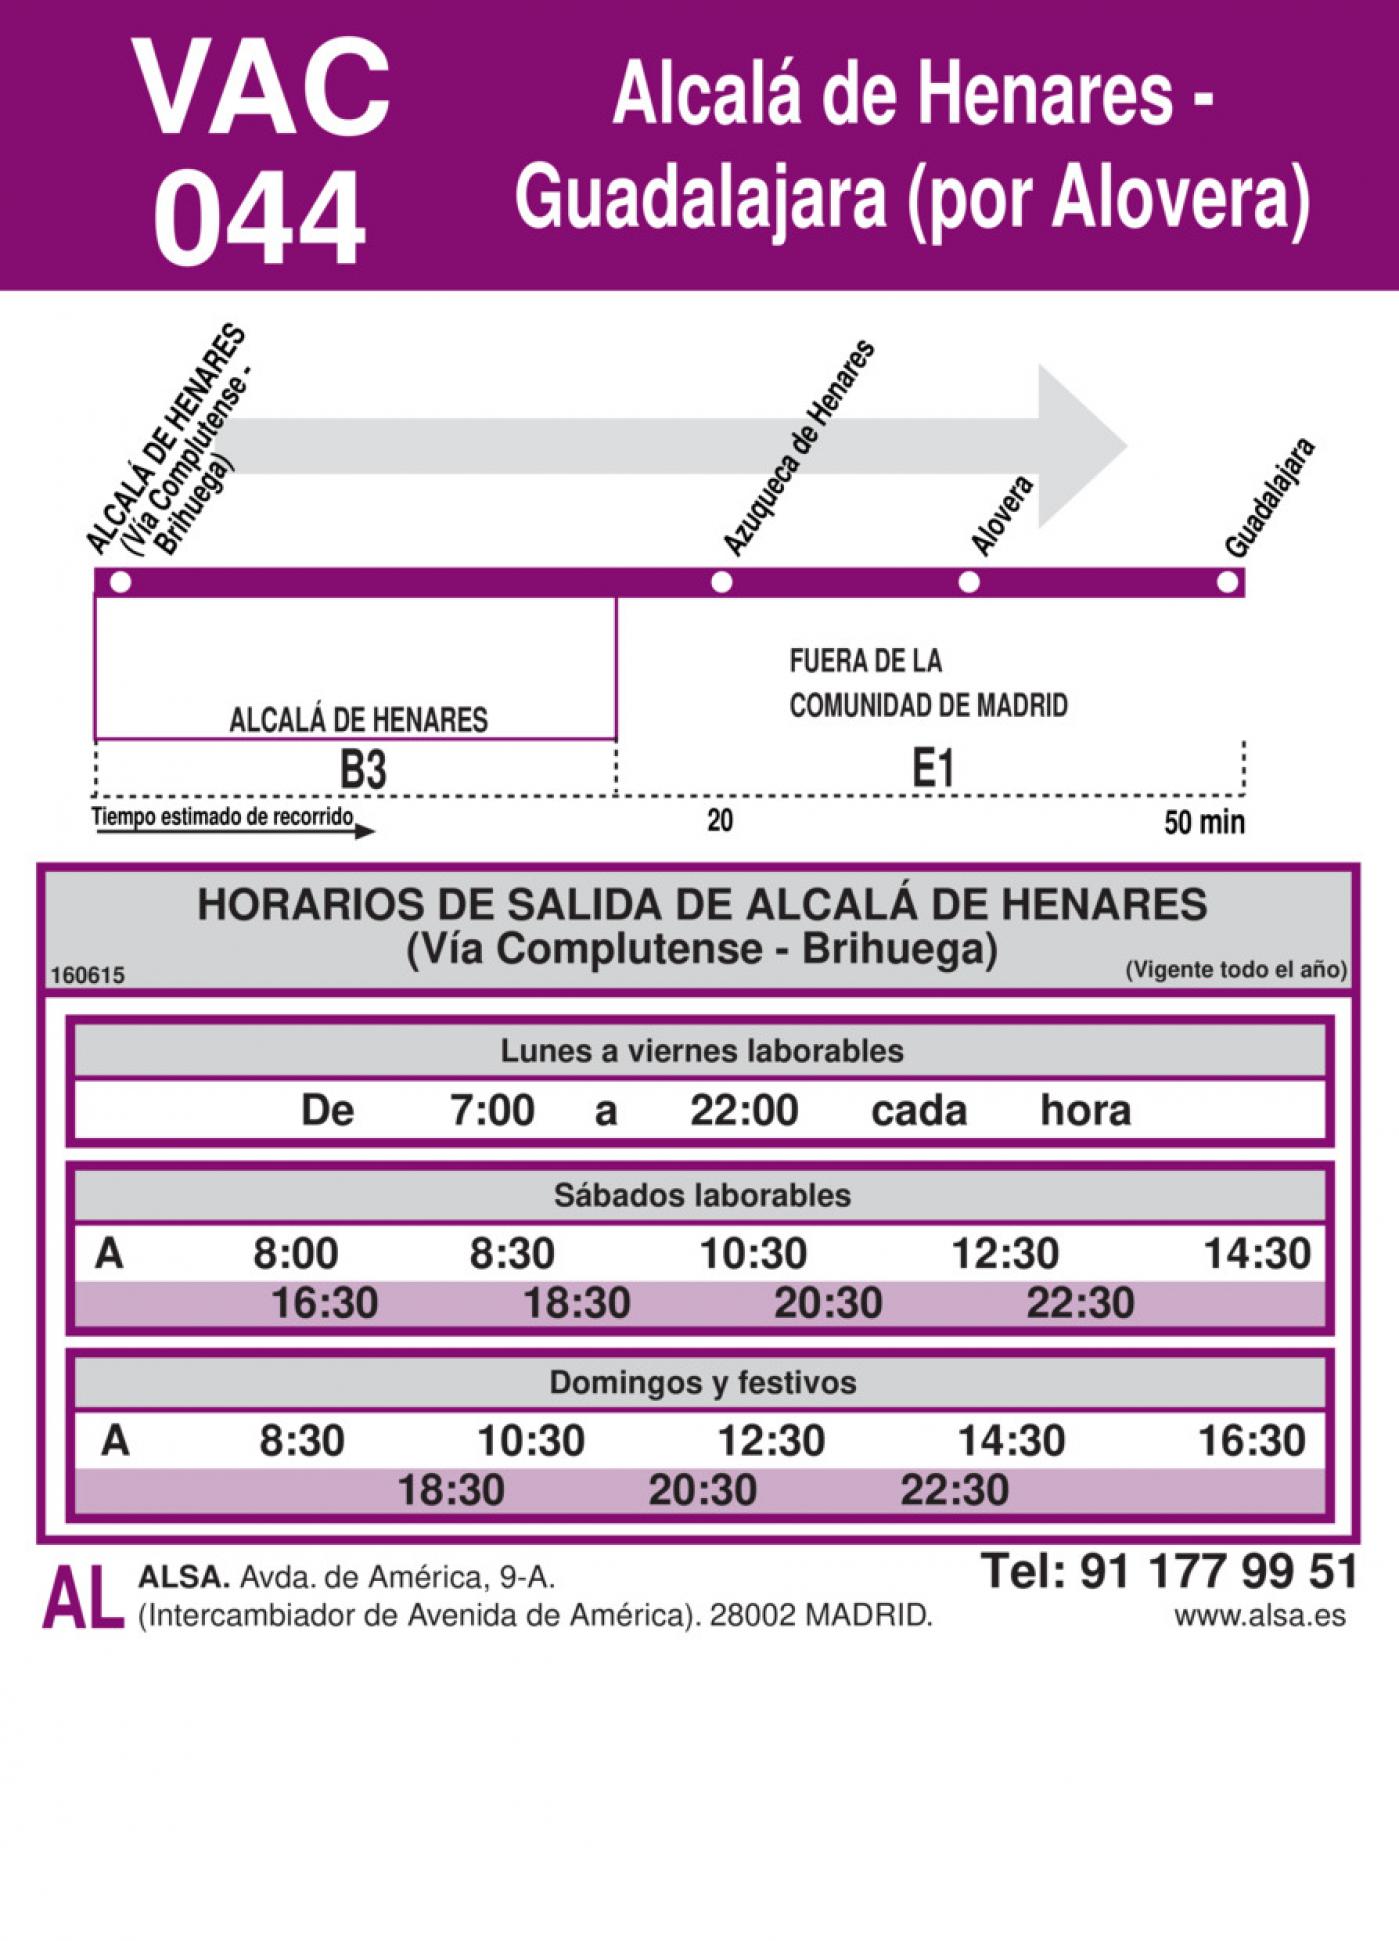 Tabla de horarios y frecuencias de paso en sentido ida Línea VAC-044: Alcalá de Henares - Guadalajara (Alovera)